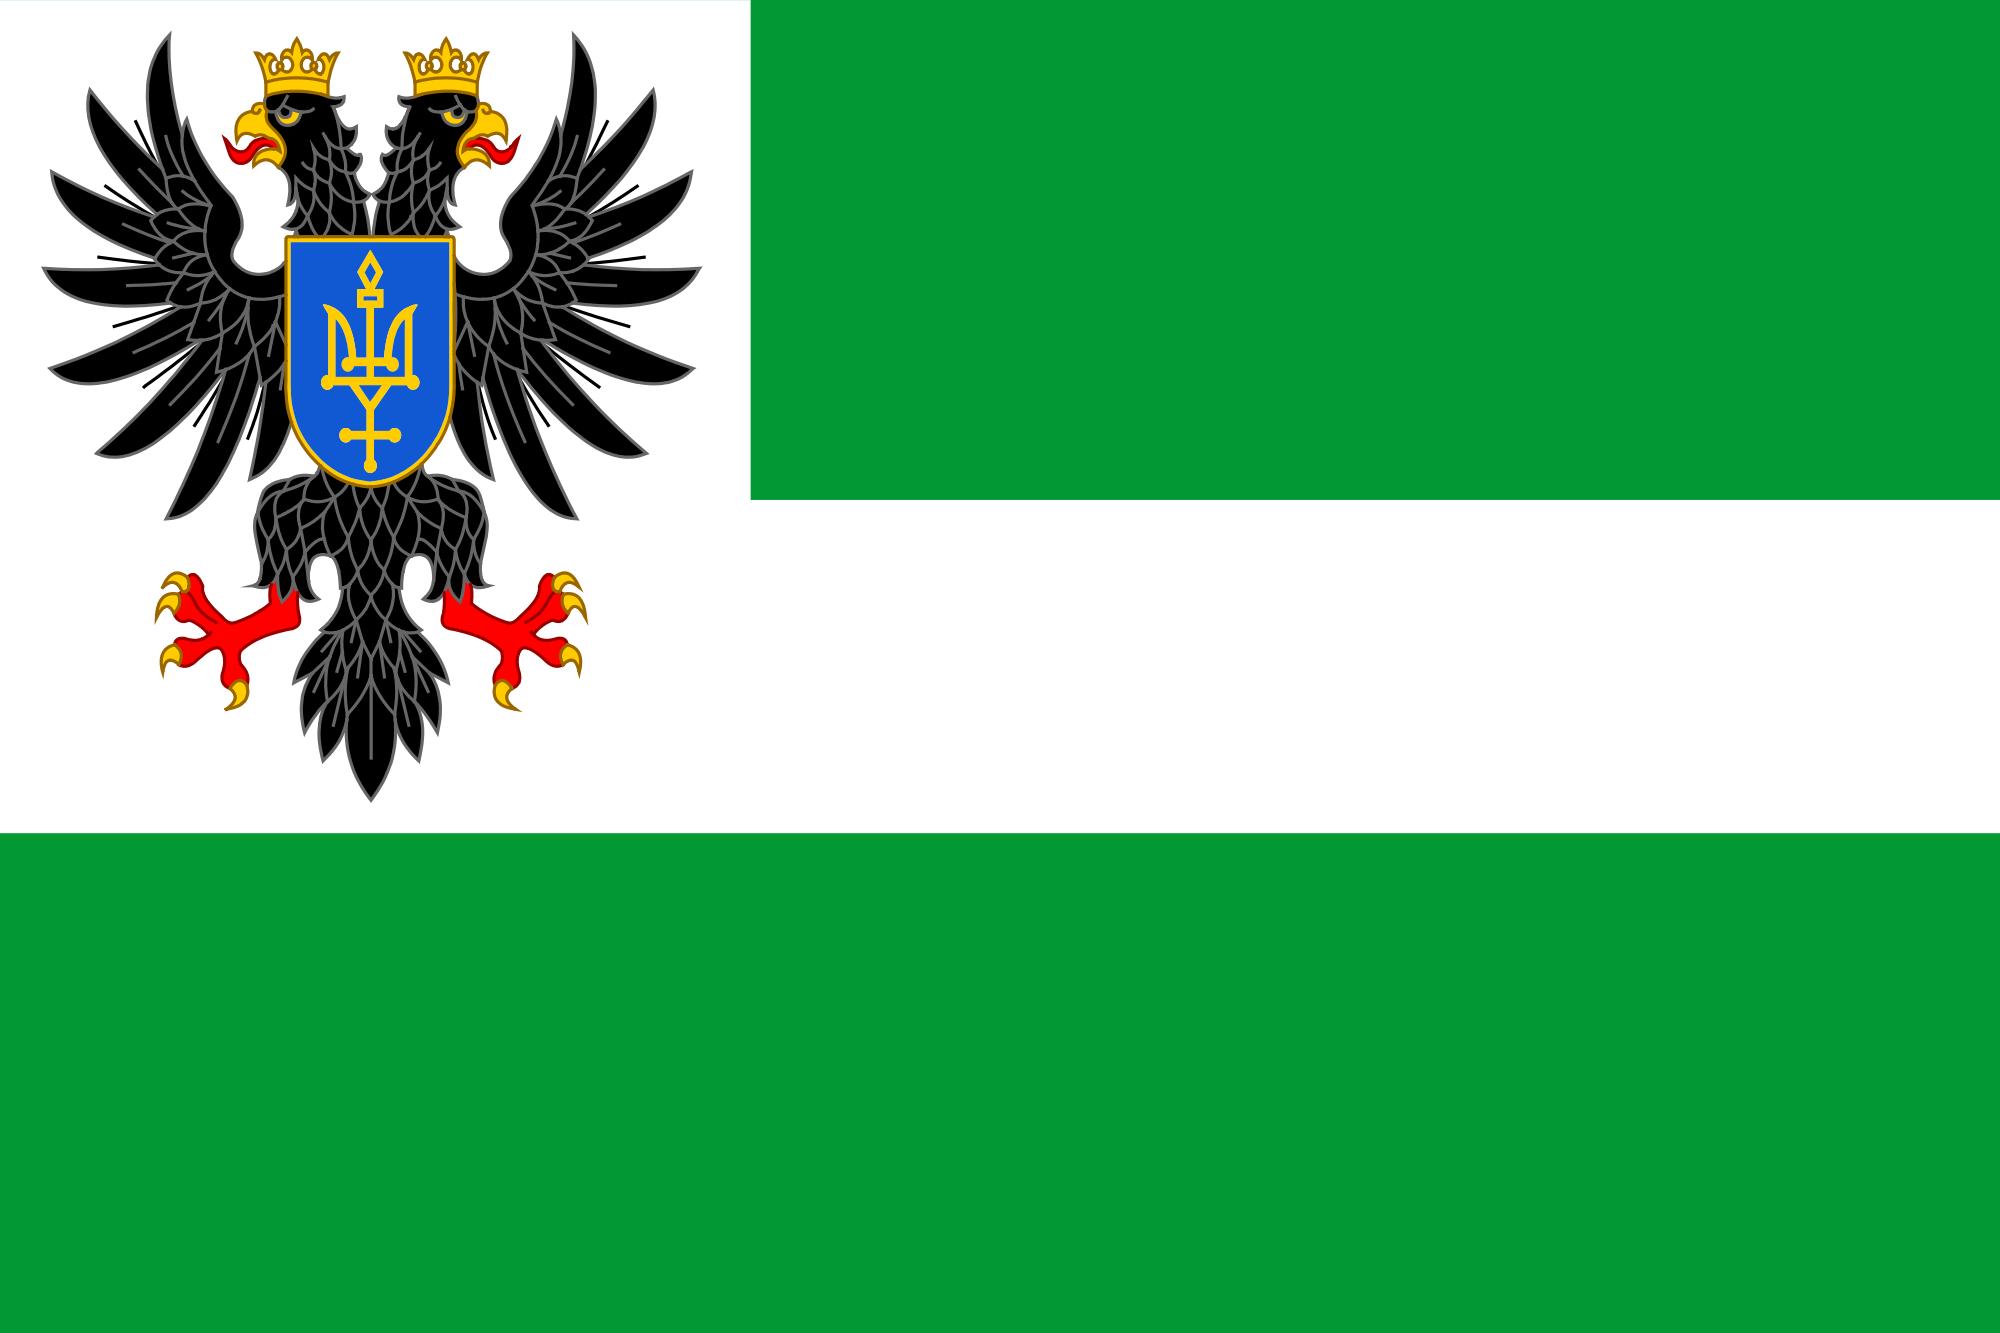 Chernihiv Oblast